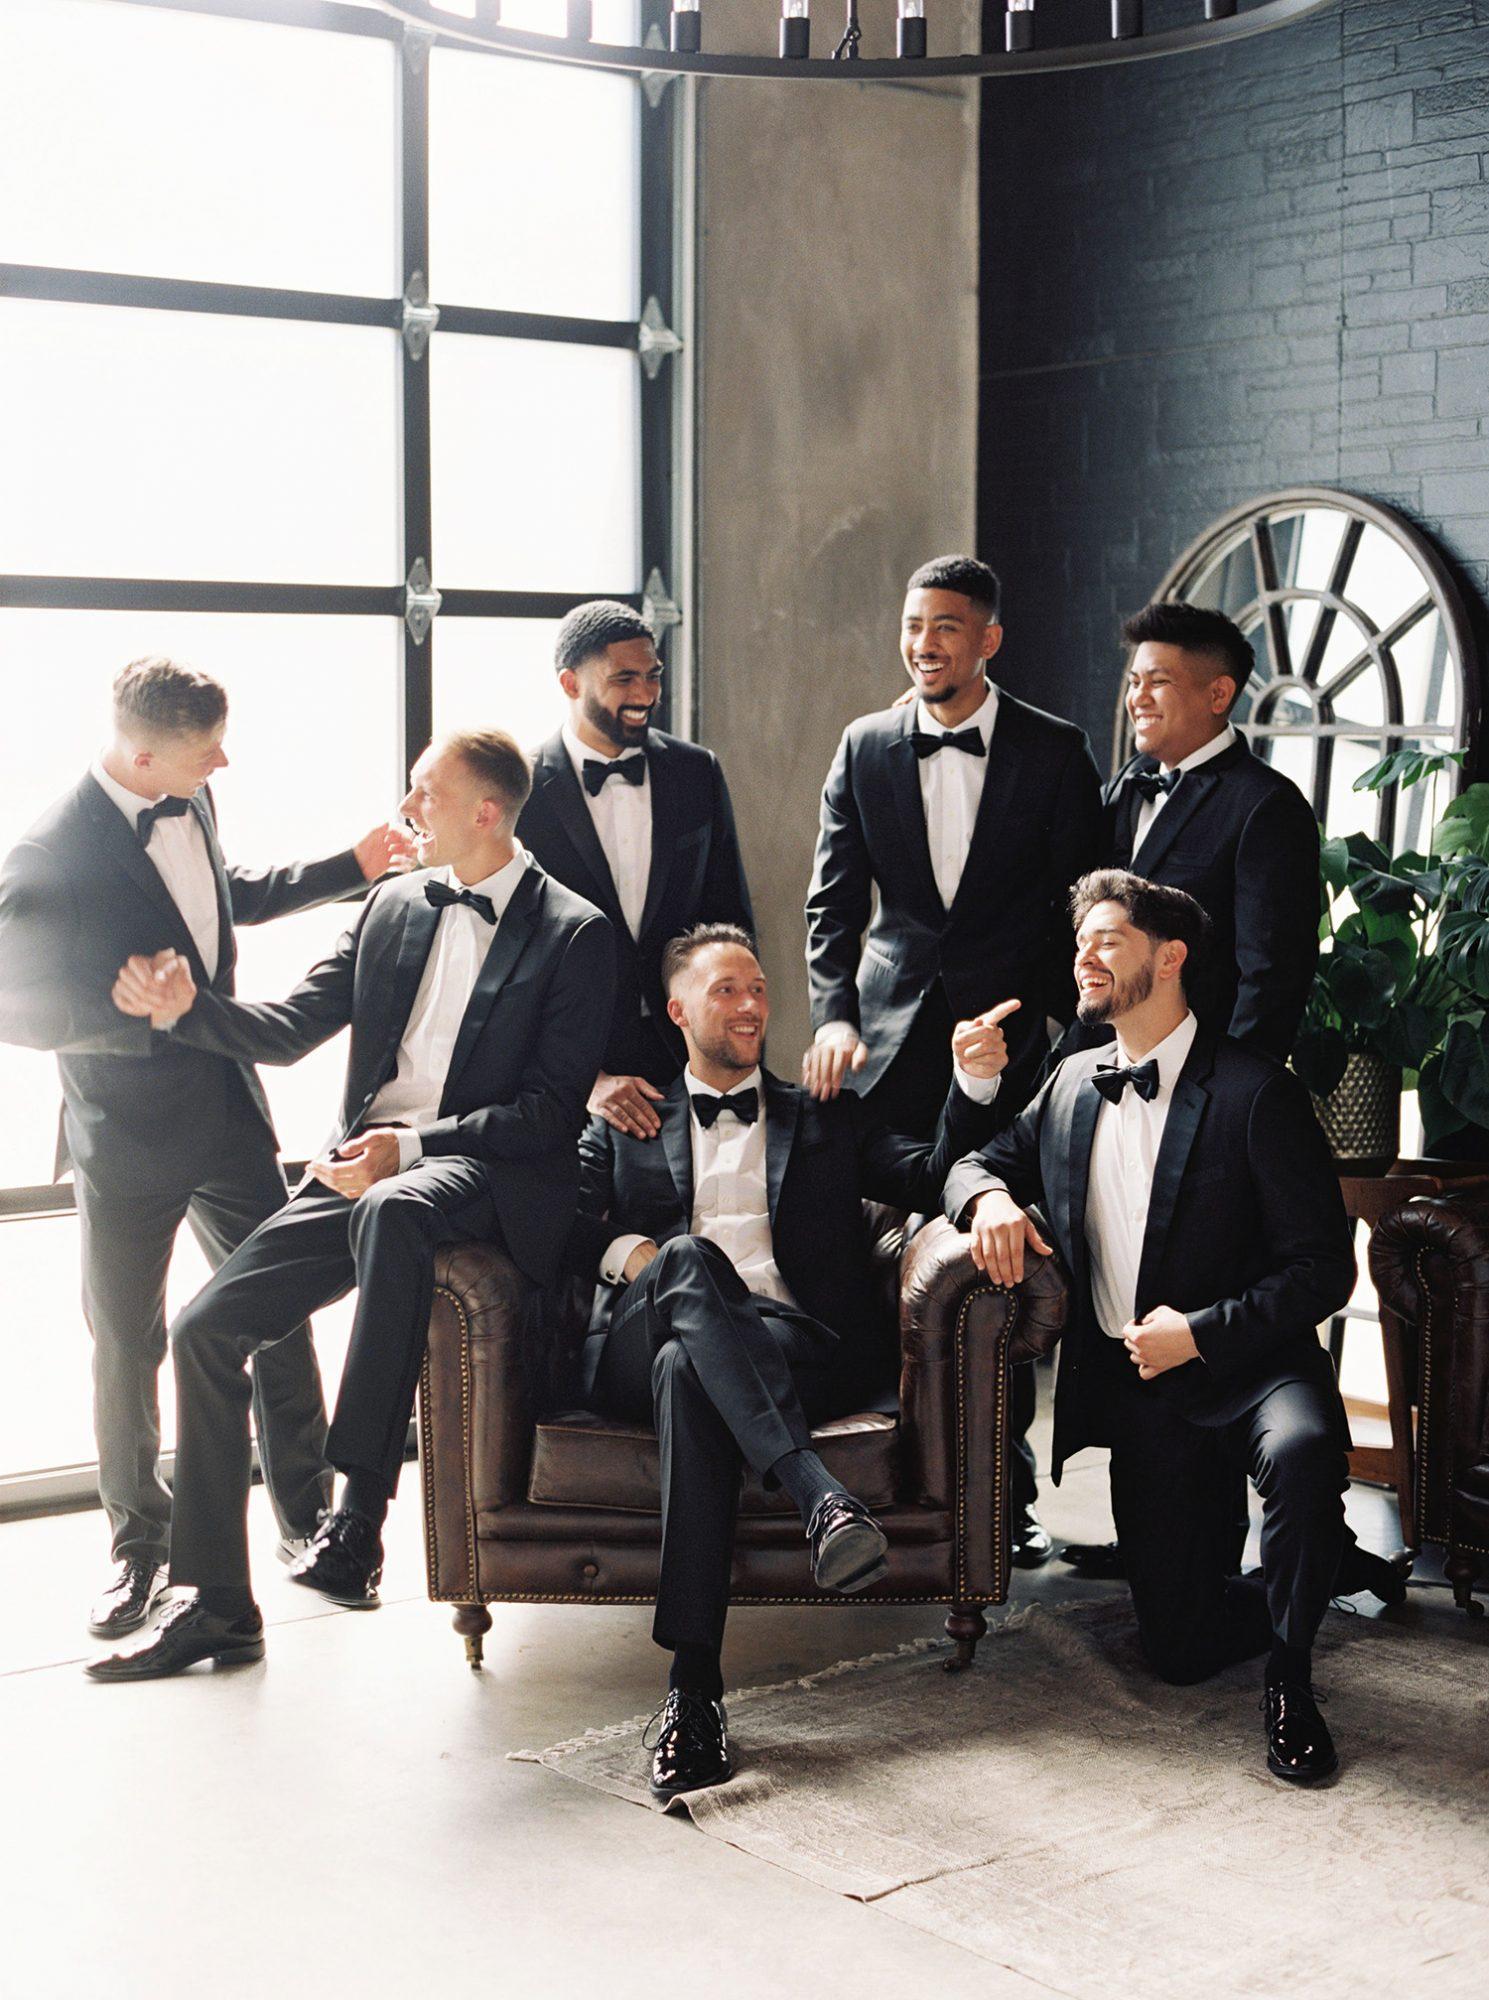 dawn jordan wedding groomsmen and groom